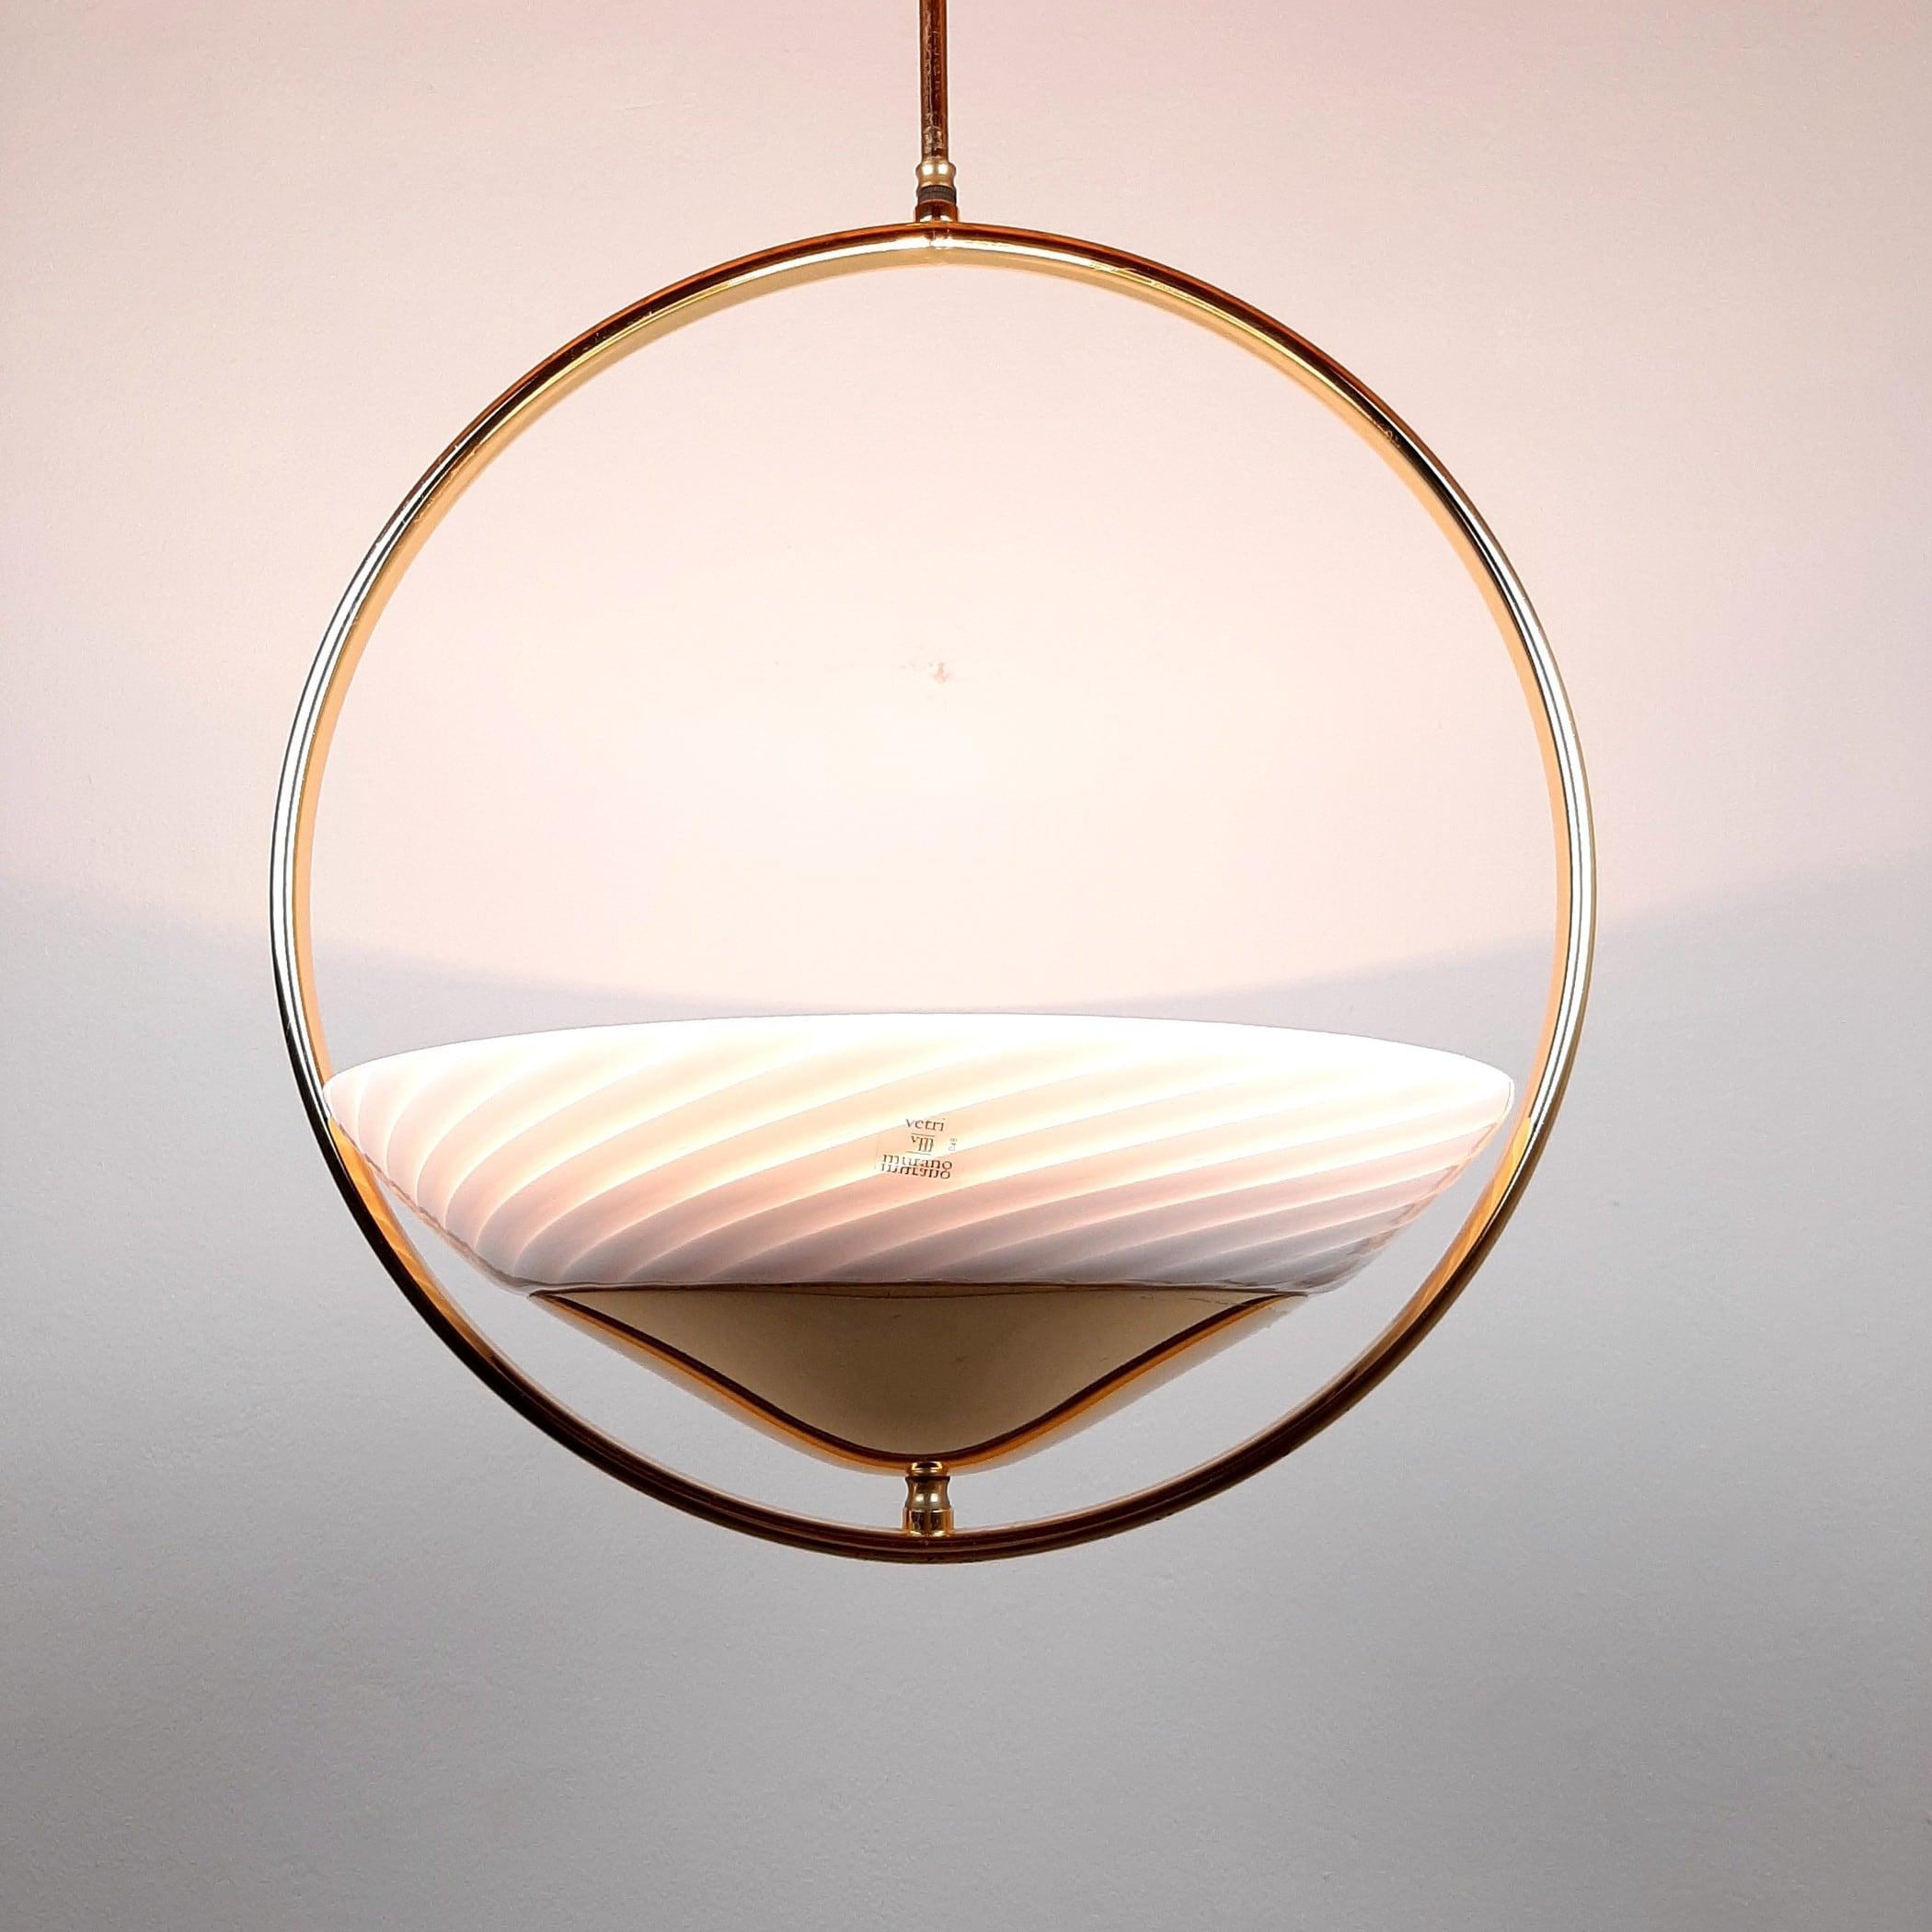 Retro swirl murano glass pendant lamp Italy 80s Mid-century light White Gold